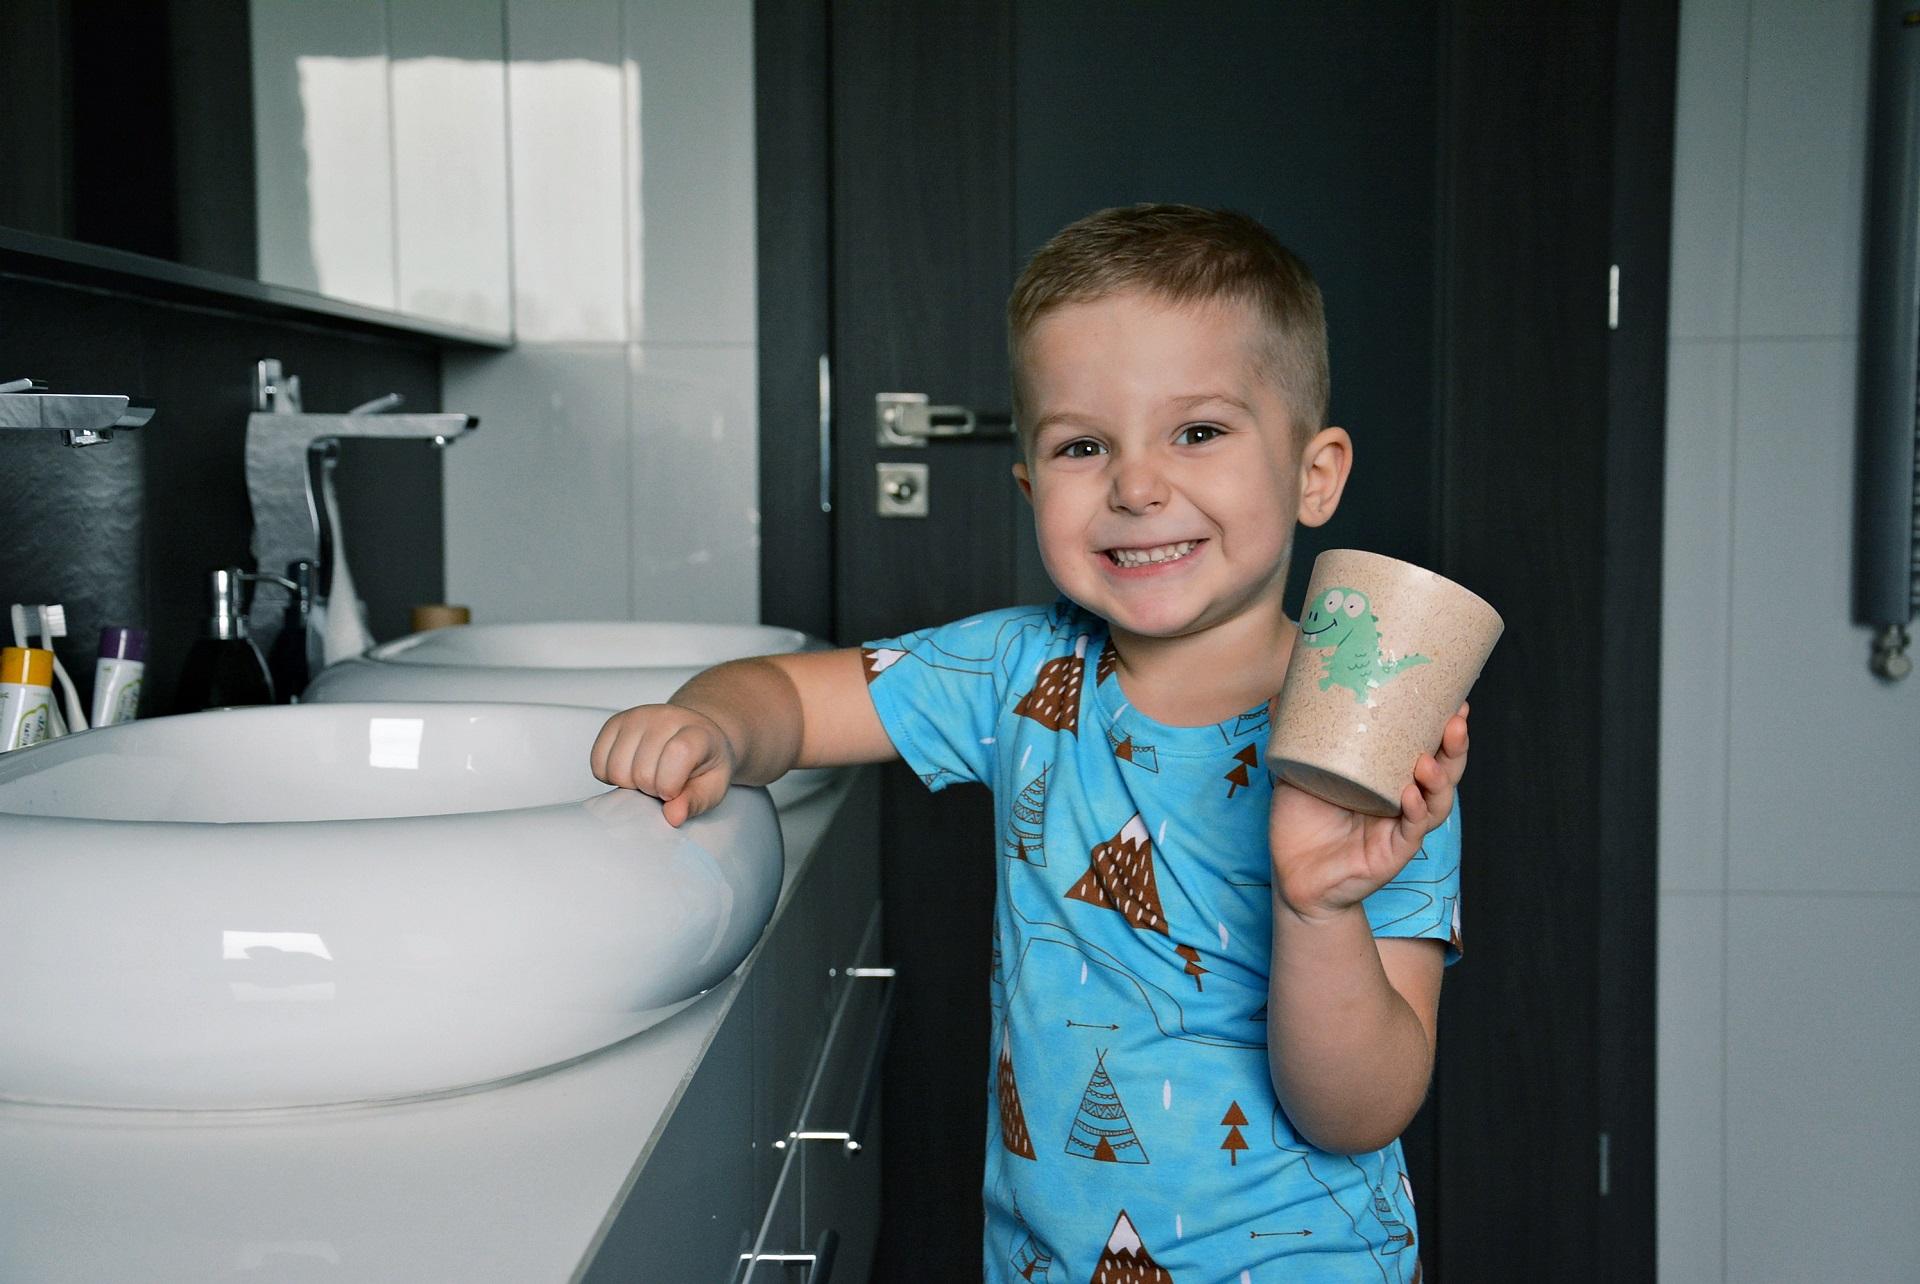 dziecko nie chce myć zębów